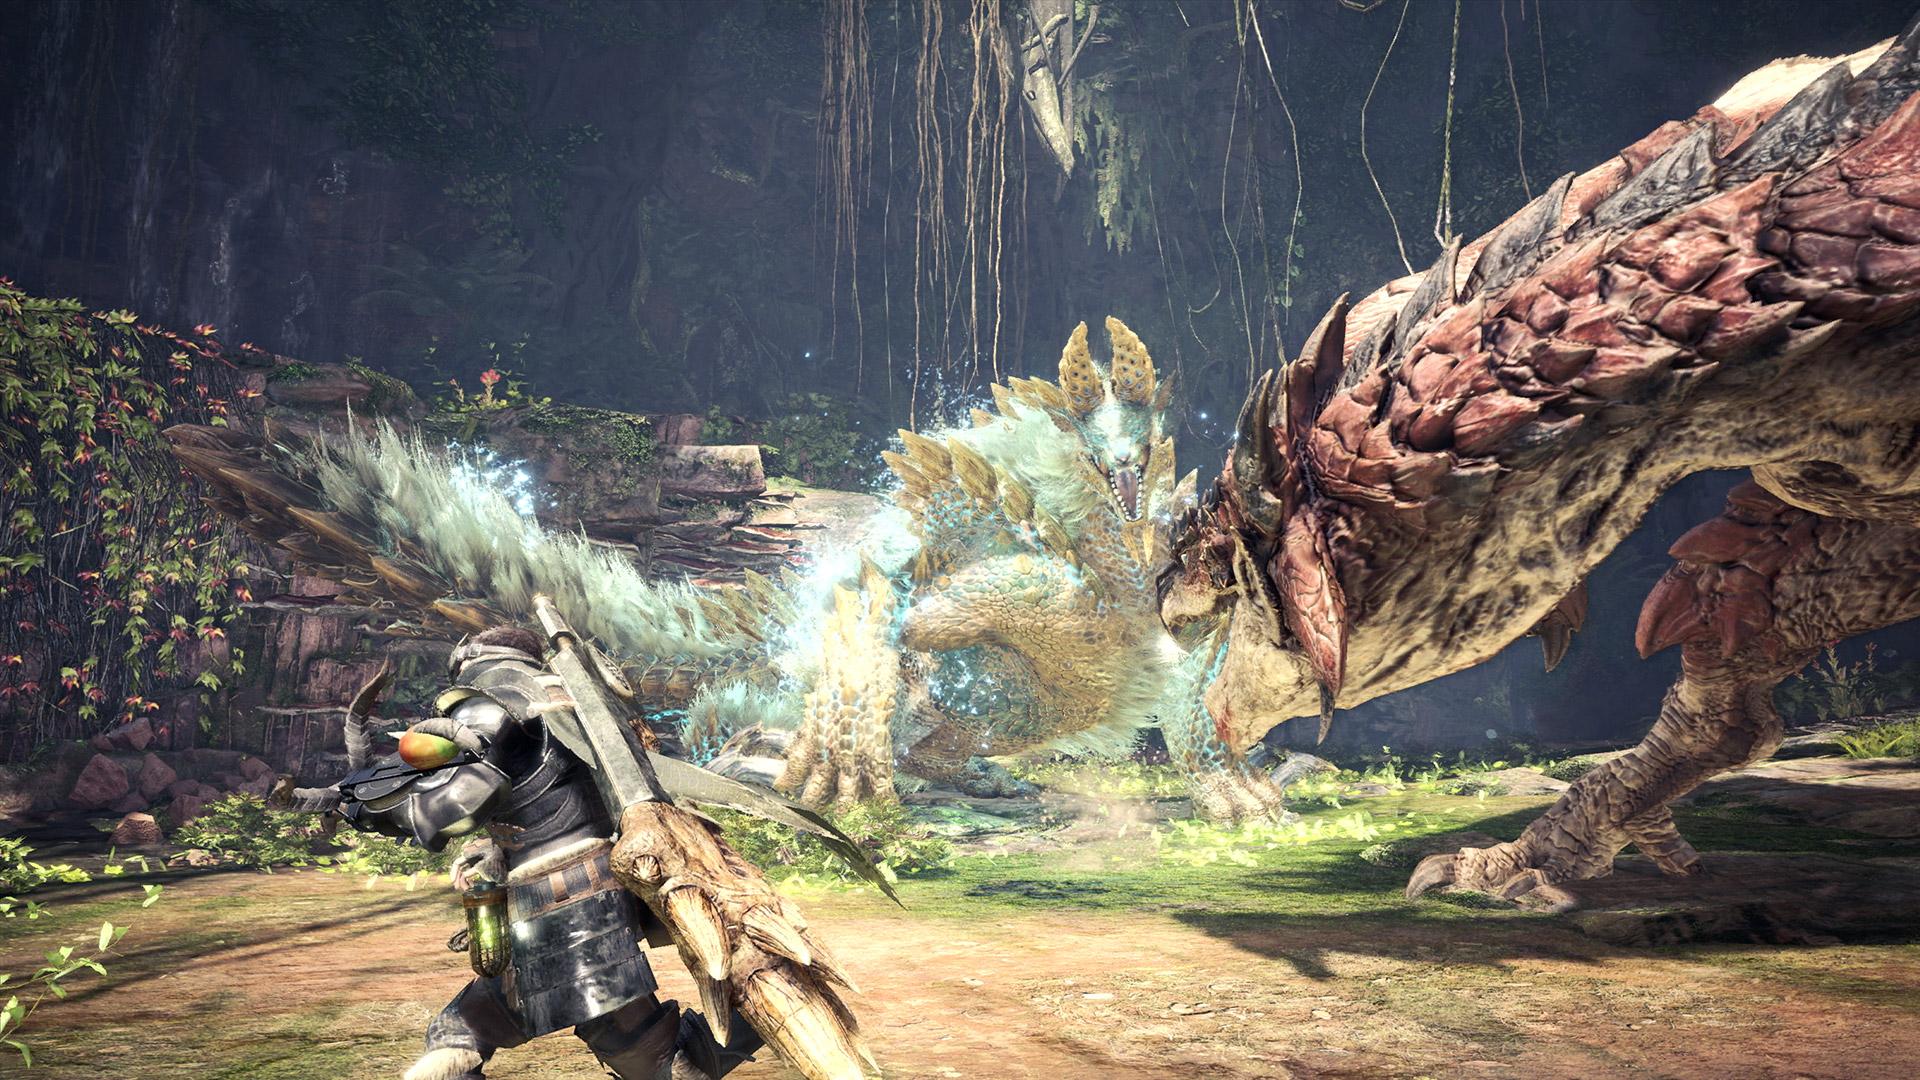 Zinogre is back for Monster Hunter World: Iceborne screenshot